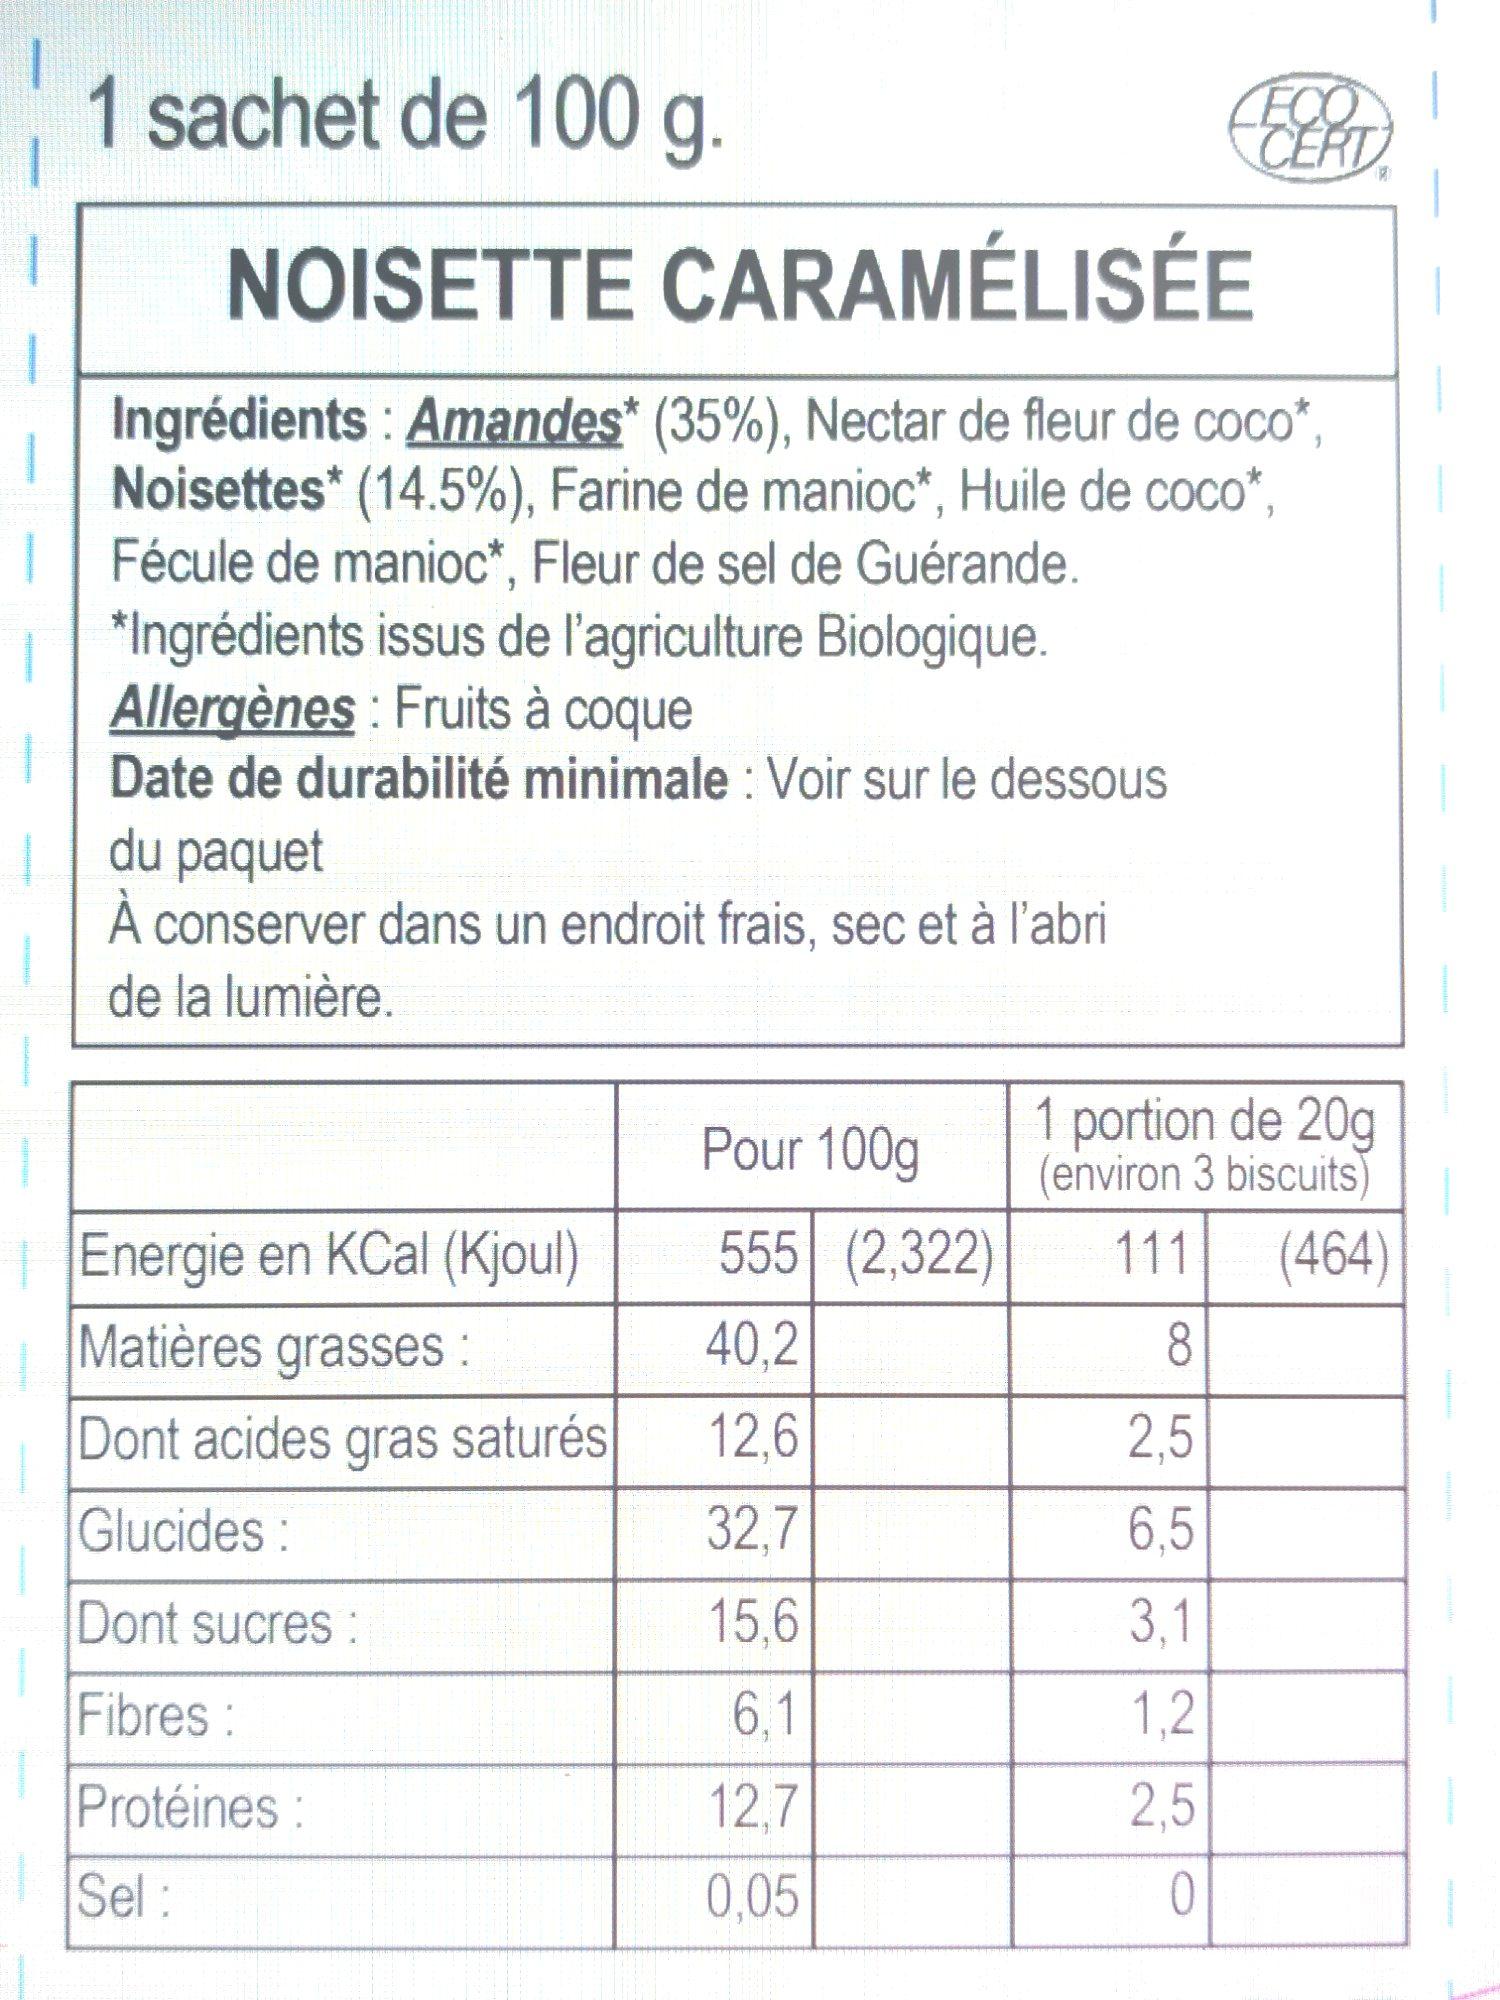 Noisette Caramelisée - Información nutricional - fr